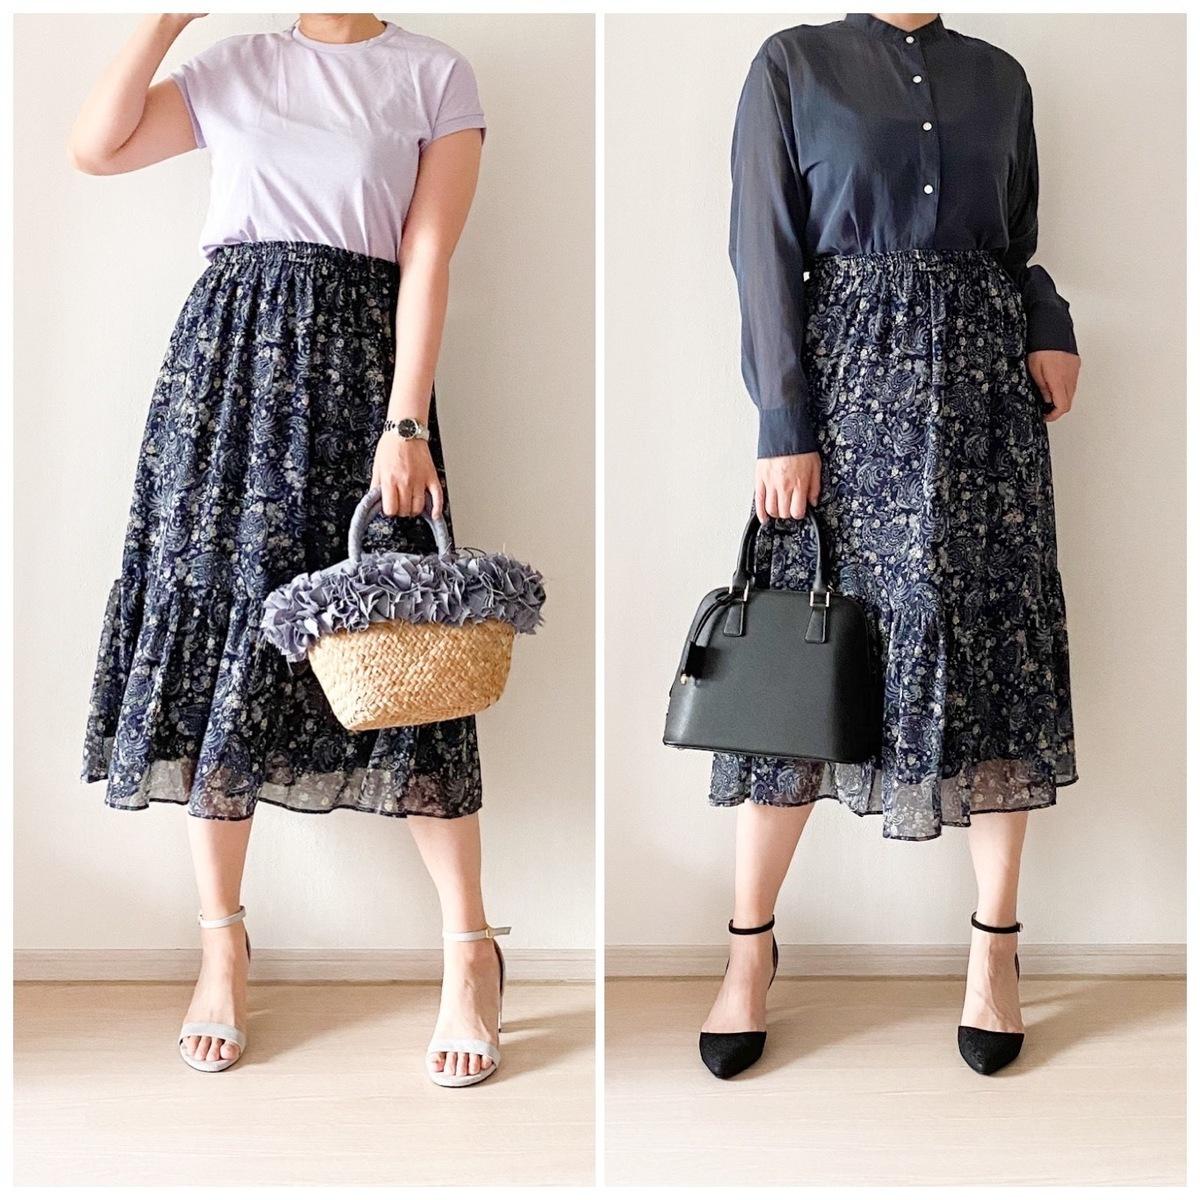 ティアード ロング スカート ユニクロ UNIQLOのシフォンティアードロングスカートは今が買いどき!